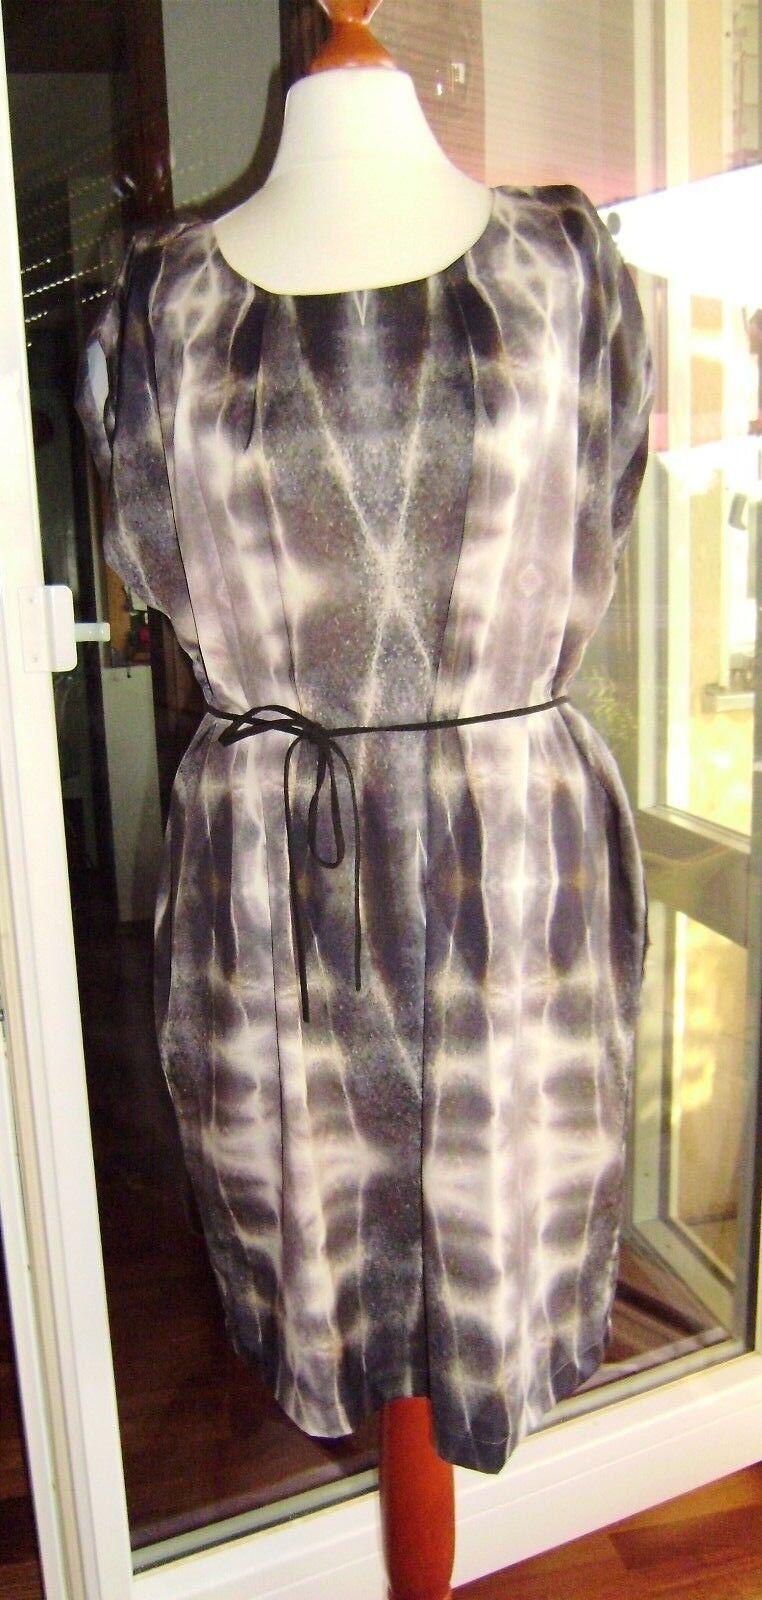 Kleid Designer Impressionen Grautöne Beige Taupe Gr. M kastiger Schnitt